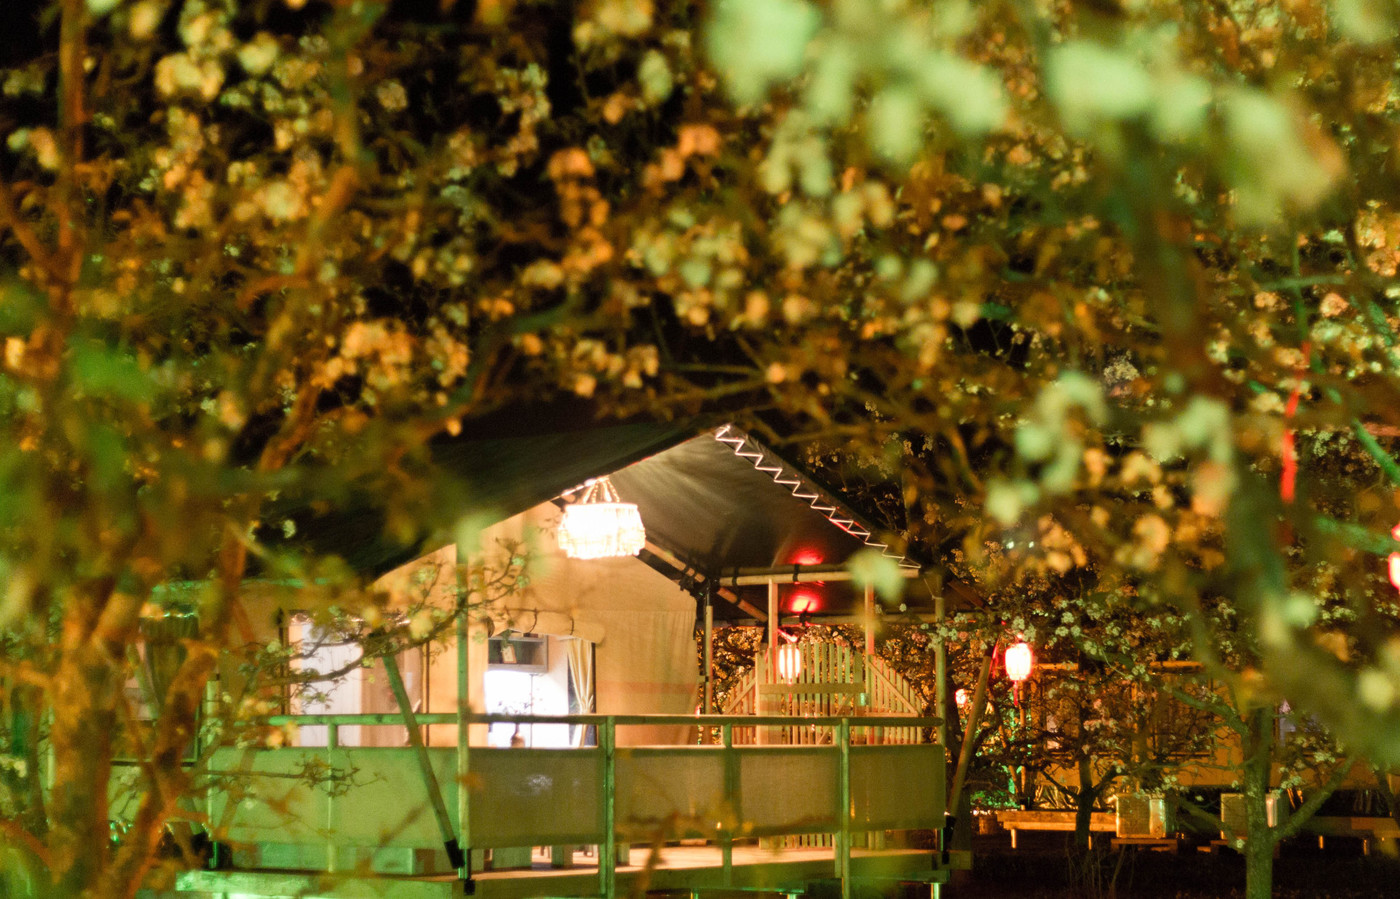 喜马拉雅野奢帐篷酒店—安徽砀山东篱蓬芦梨园帐篷酒店13